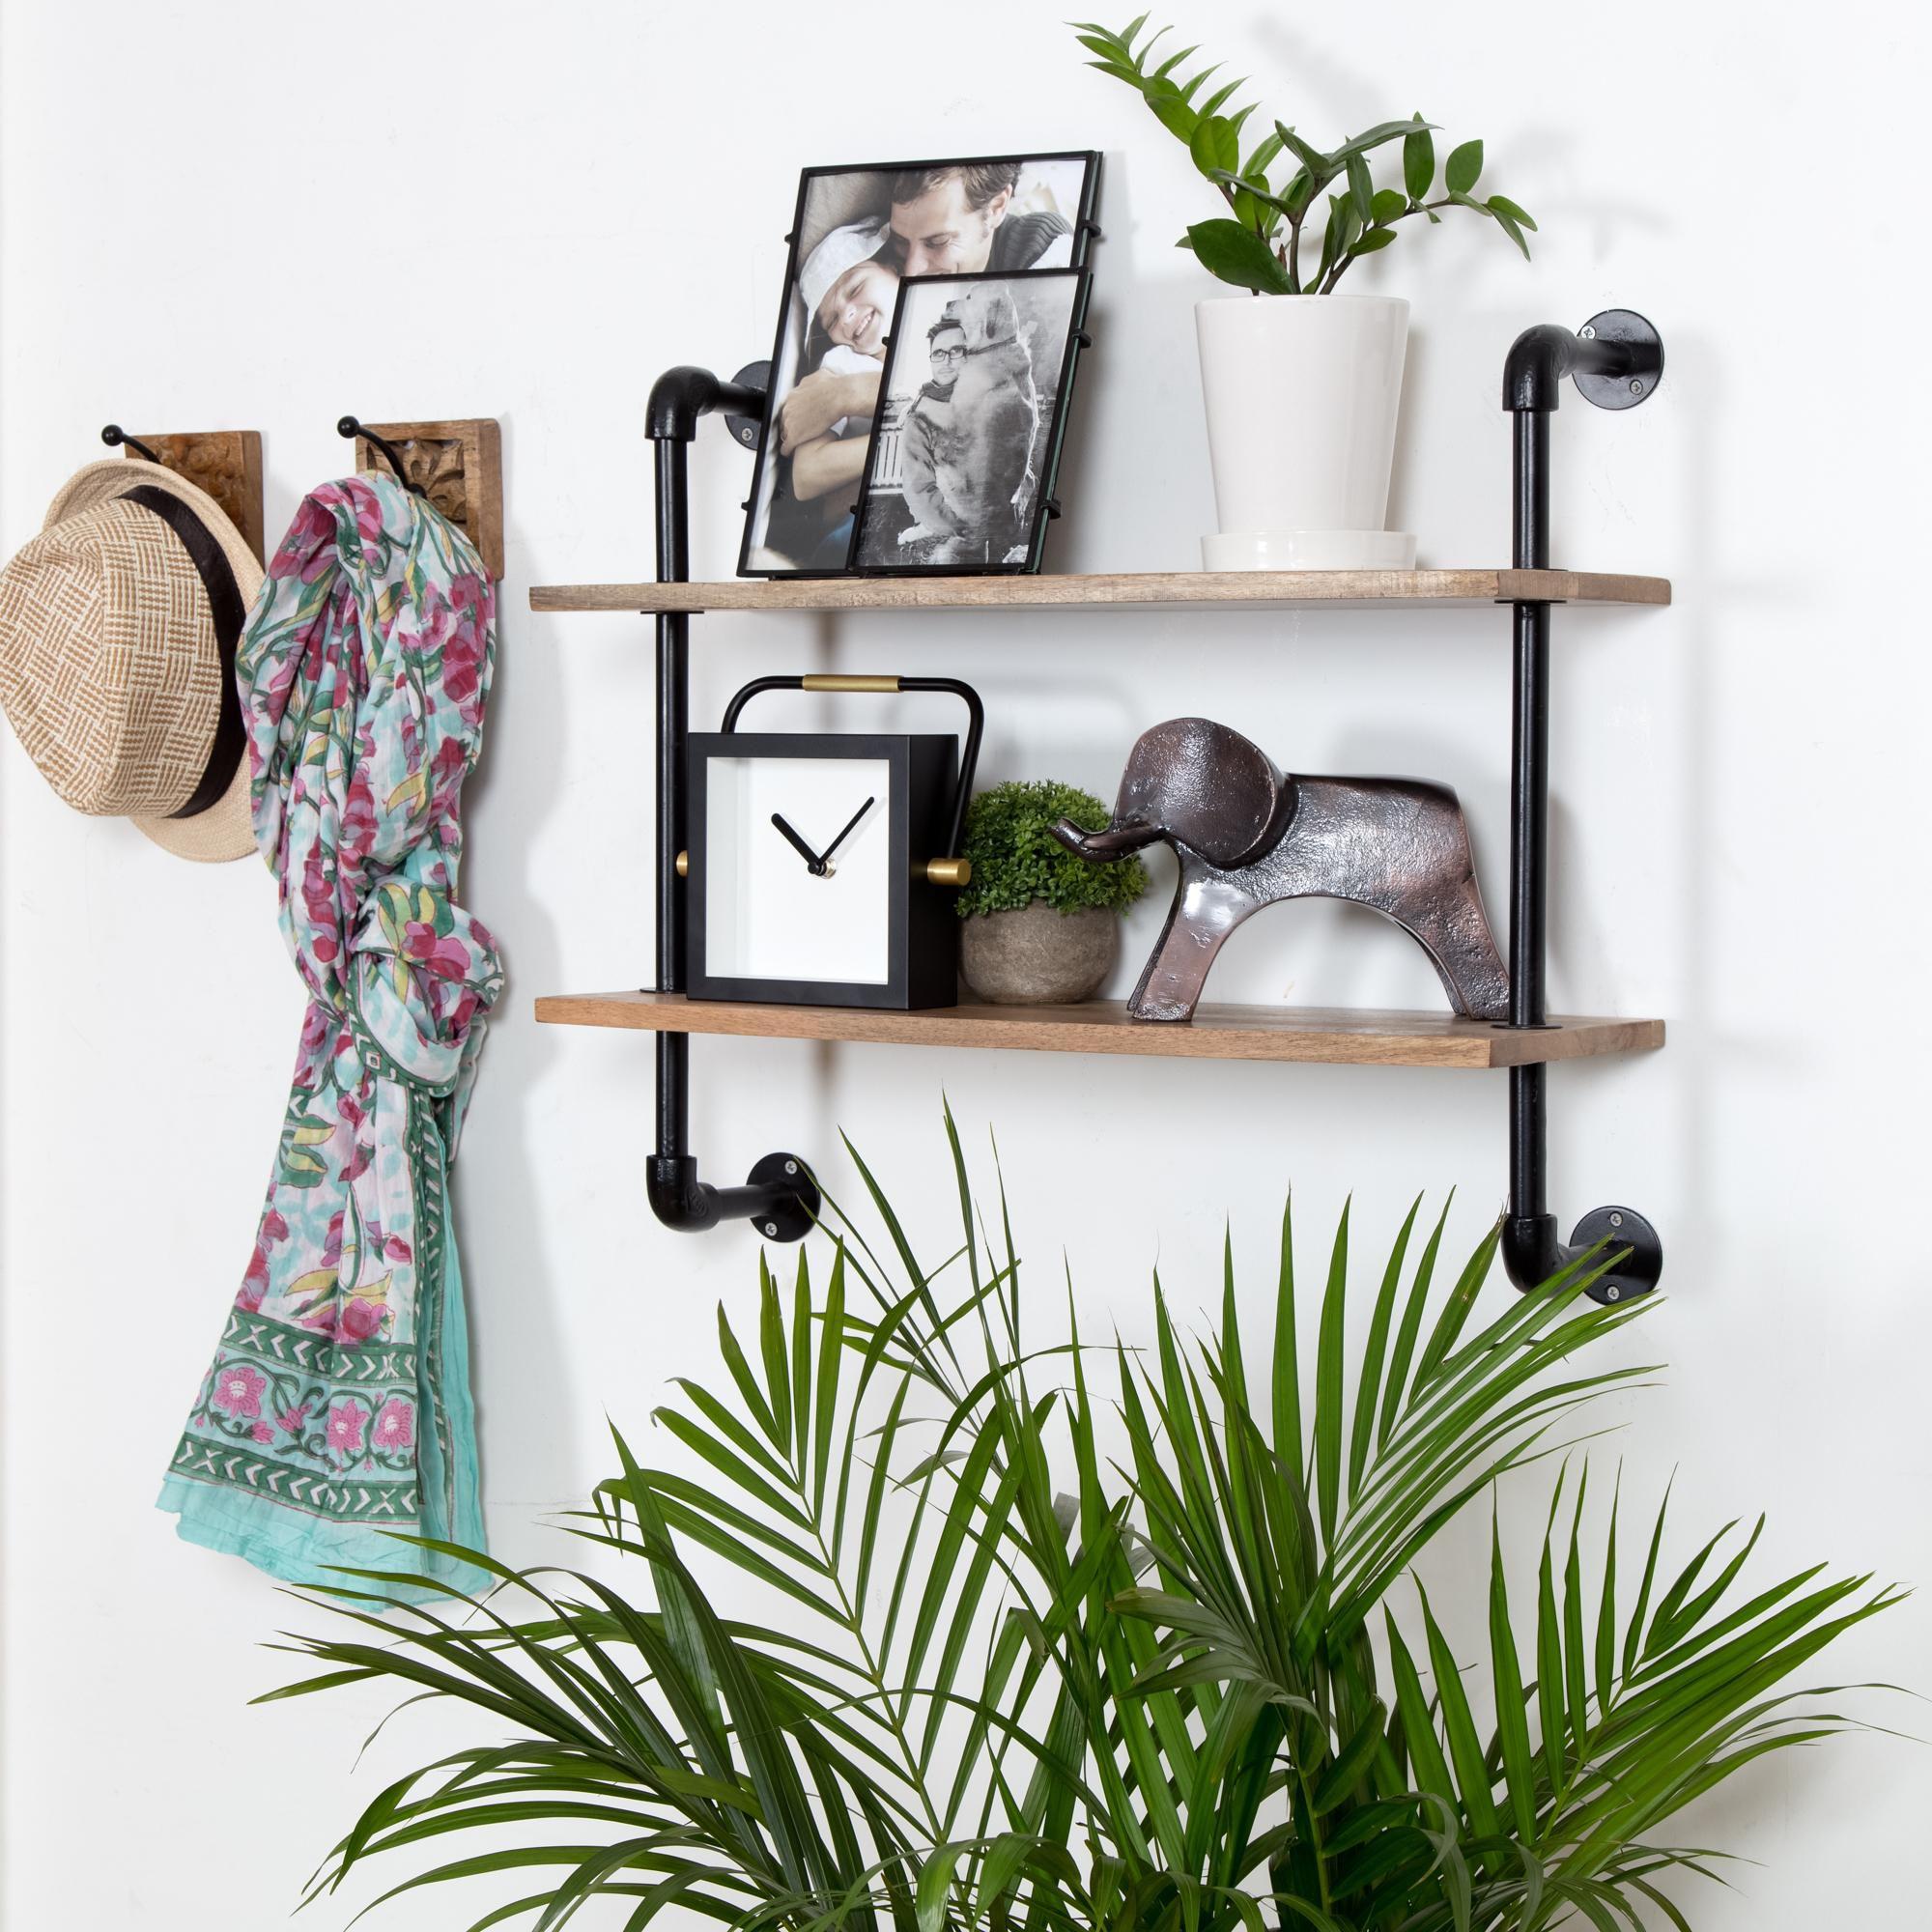 Terville Pipe Wall Shelf - 2 Tier